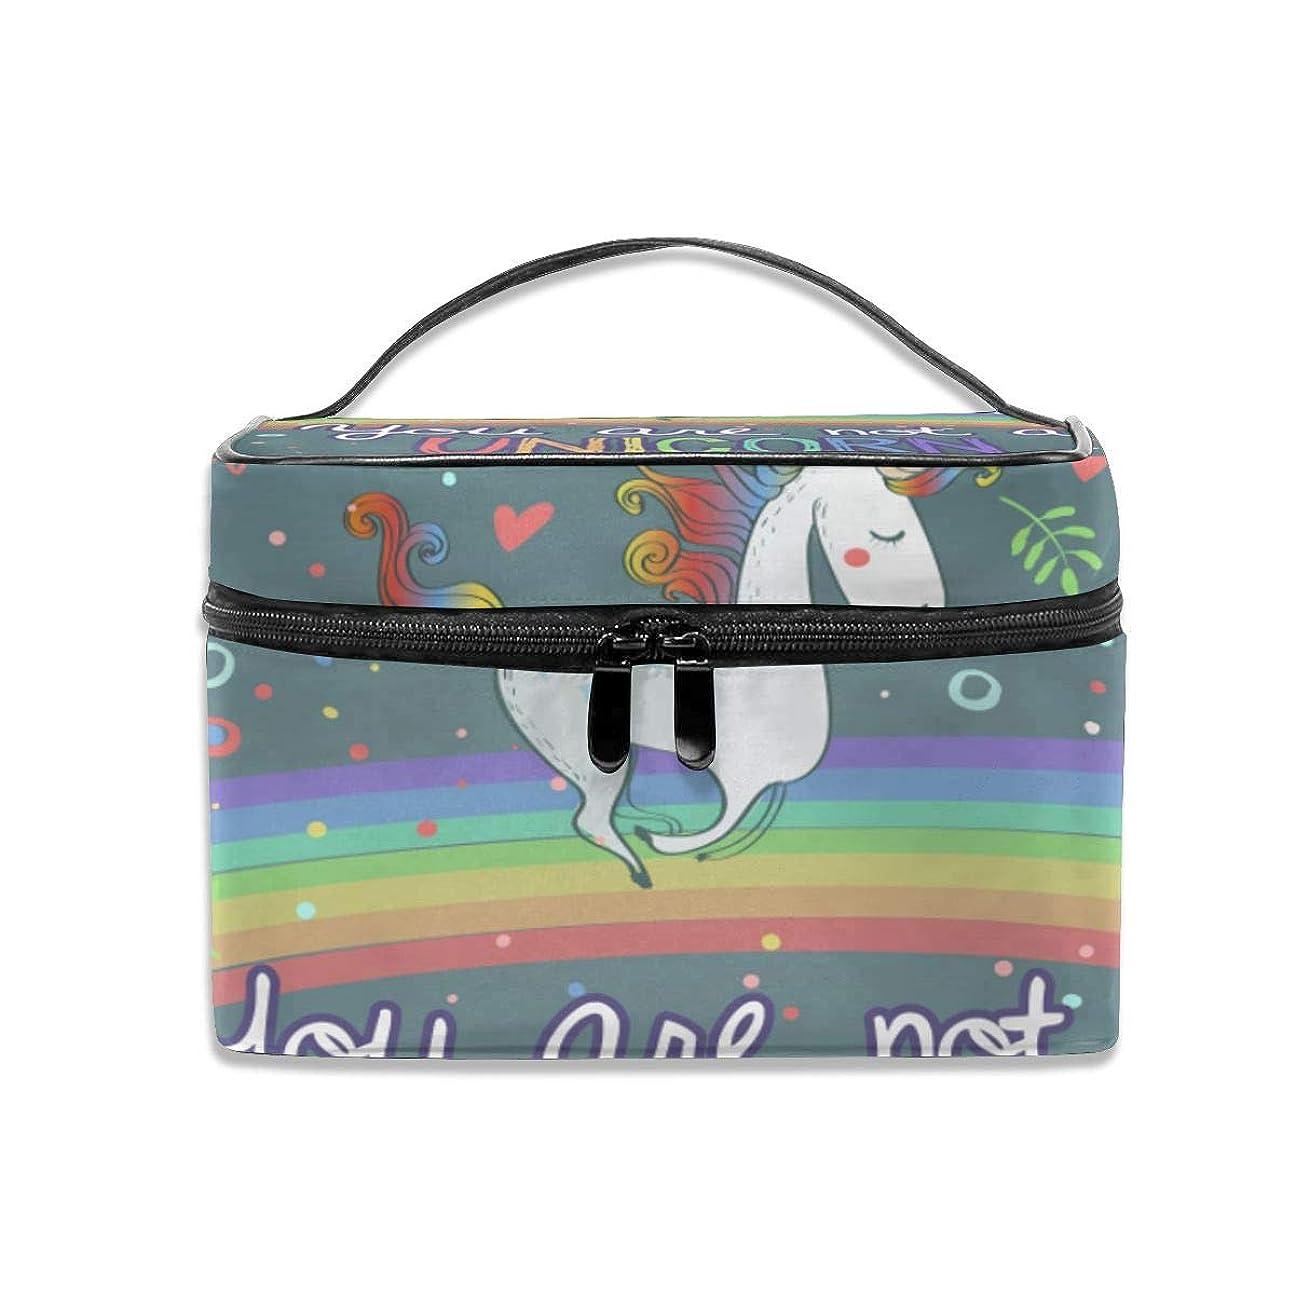 計算かき混ぜる細部Yanzhaotushu Design Name メイクボックス 旅行用化粧ケース メイクブラシ コスメ バッグ 小物入れ 収納 大容量 便利 女の子